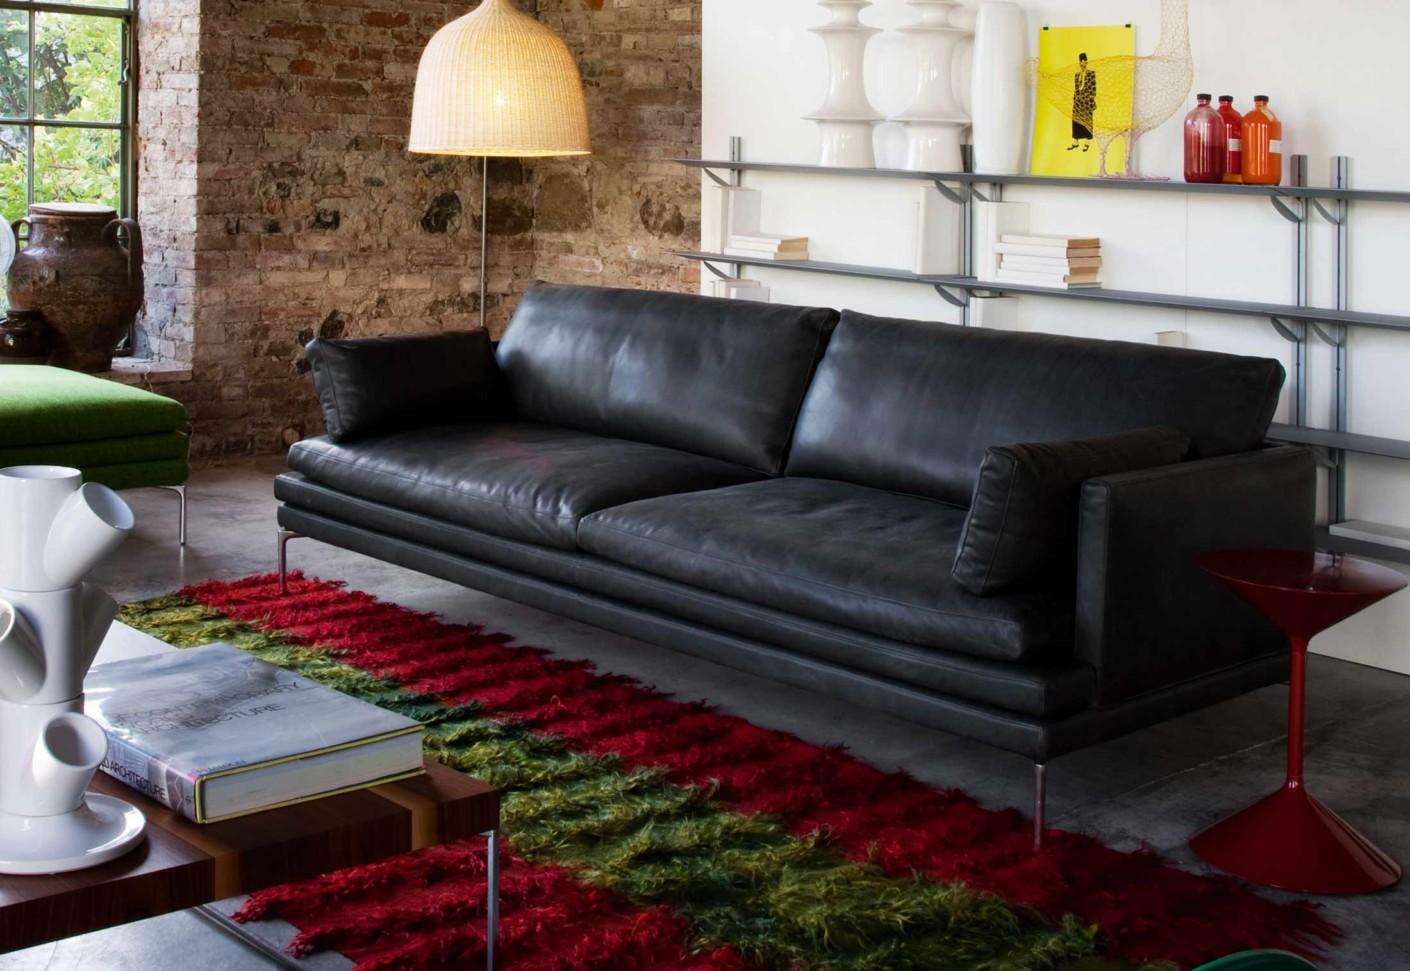 vitra sofa modular where to buy foam in singapore 1330 william by zanotta   stylepark